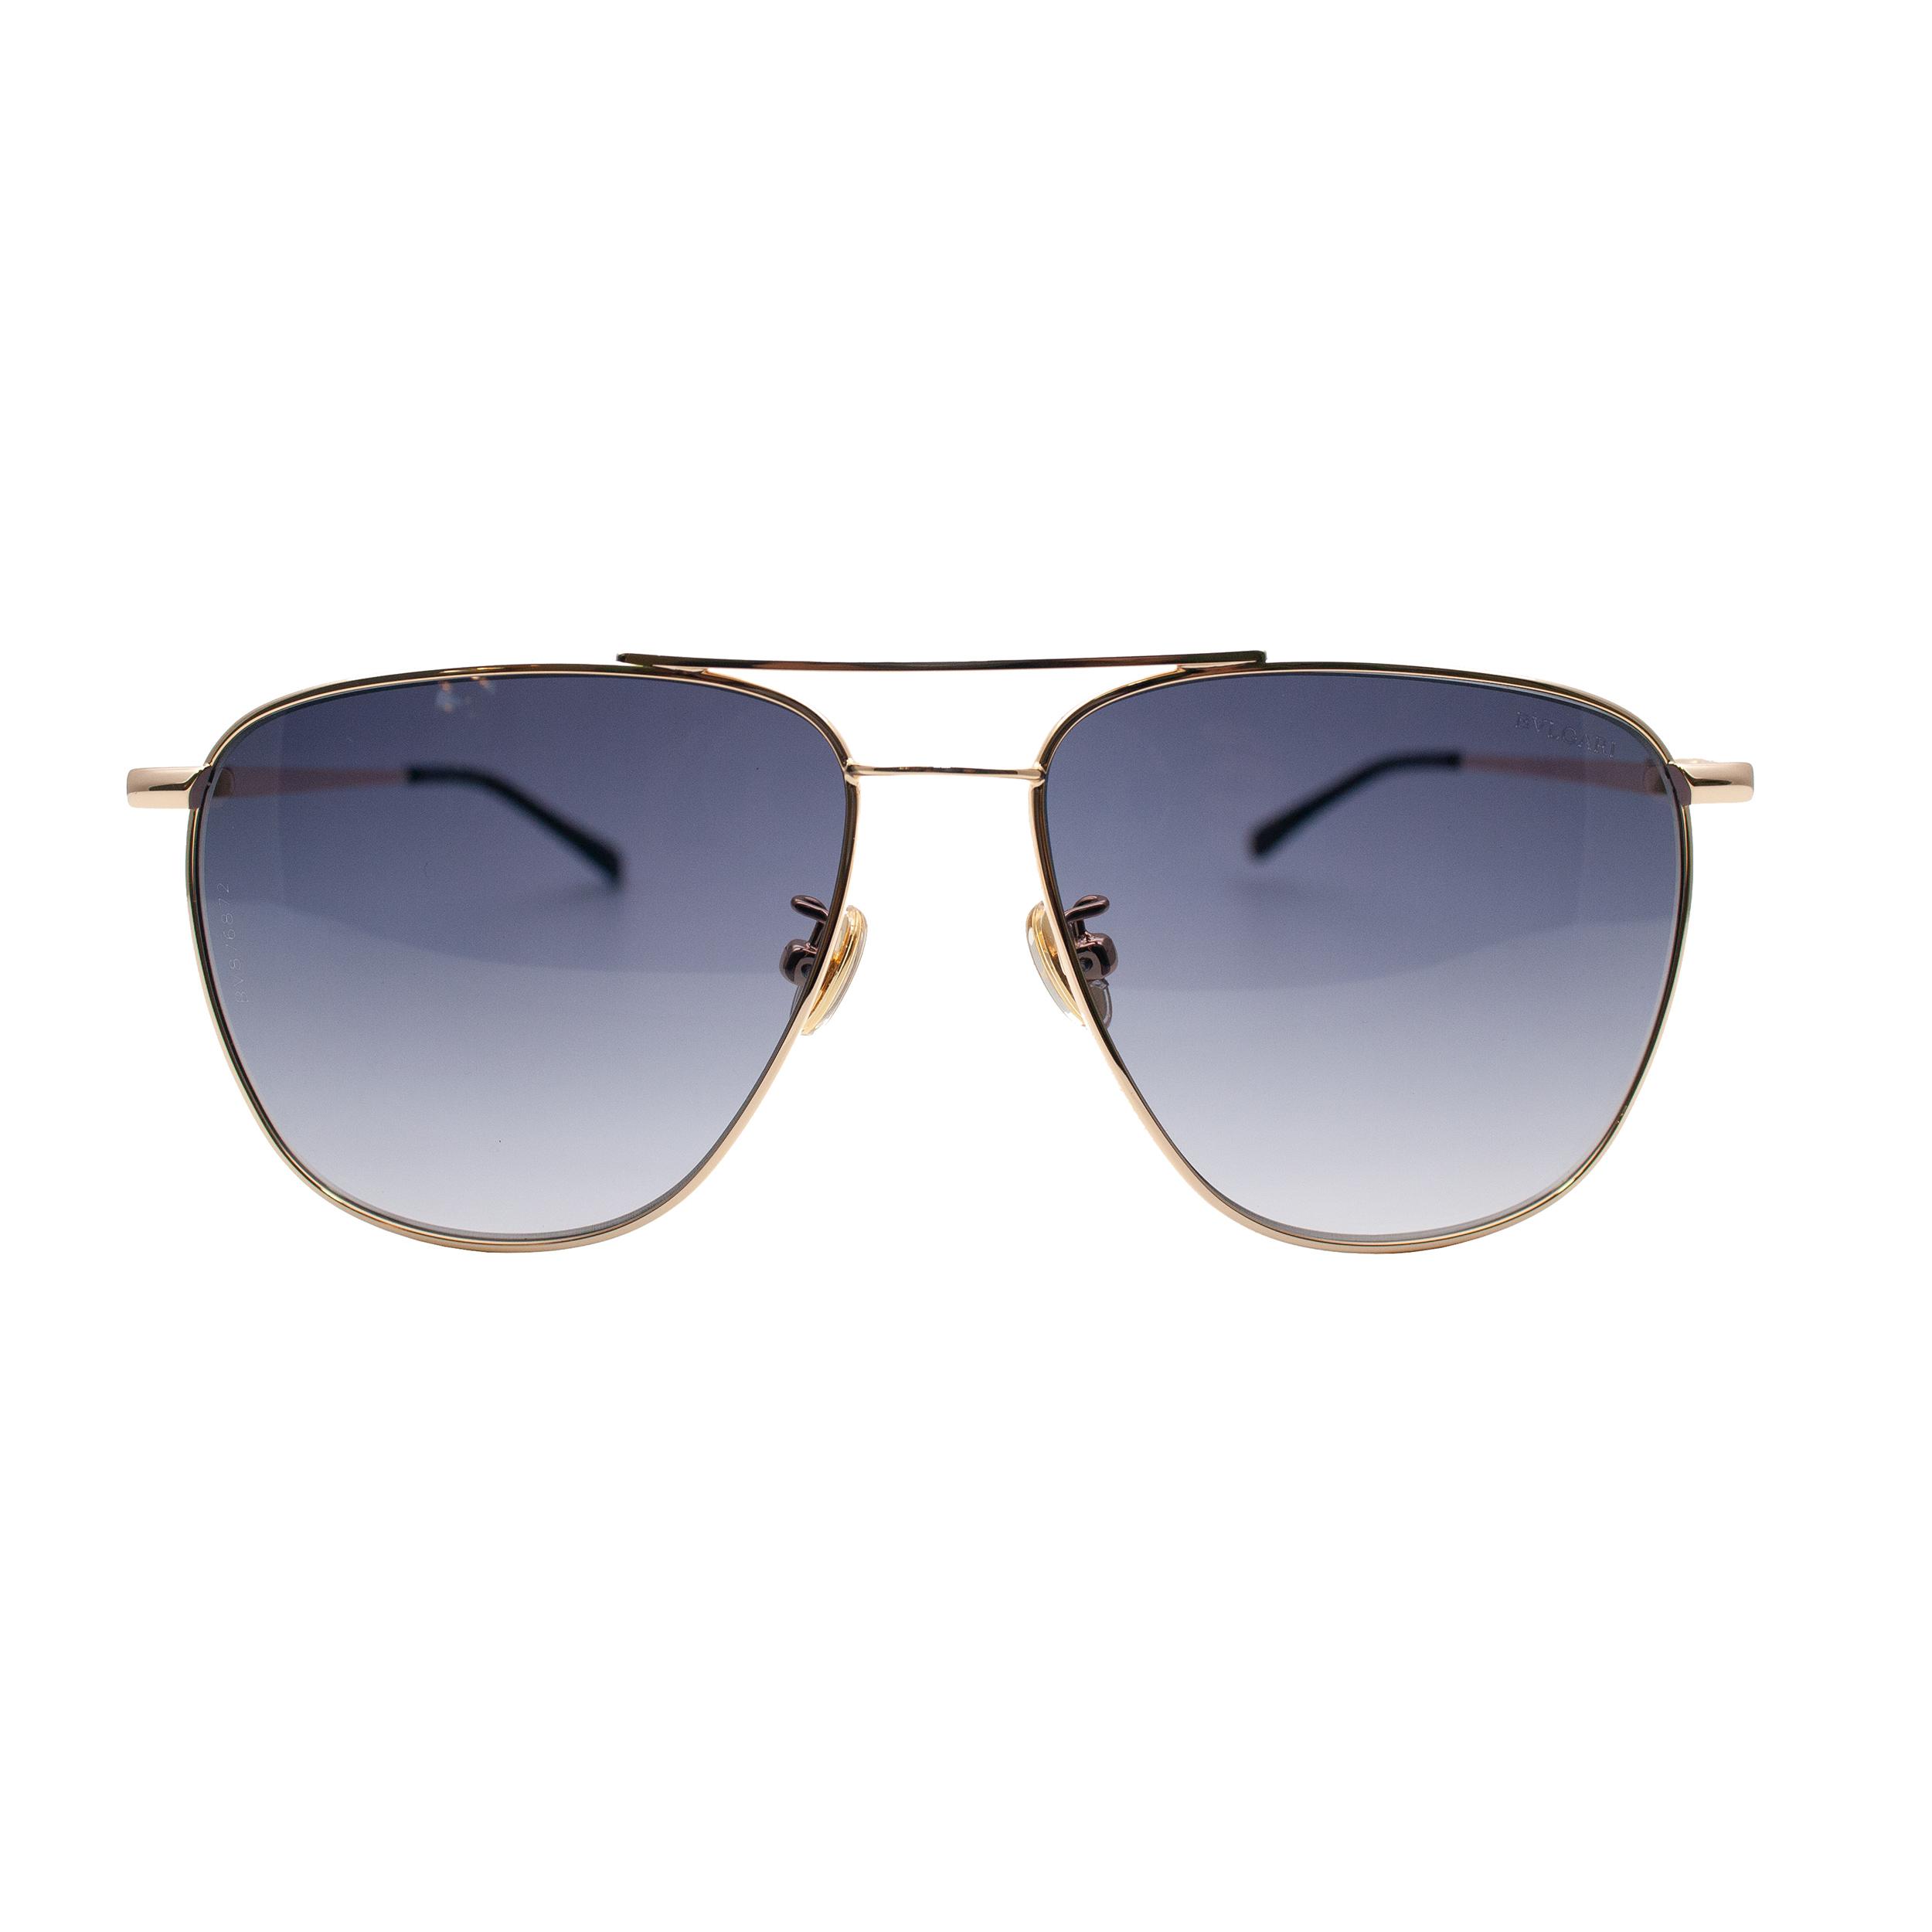 عینک آفتابی بولگاری مدل BV 6089